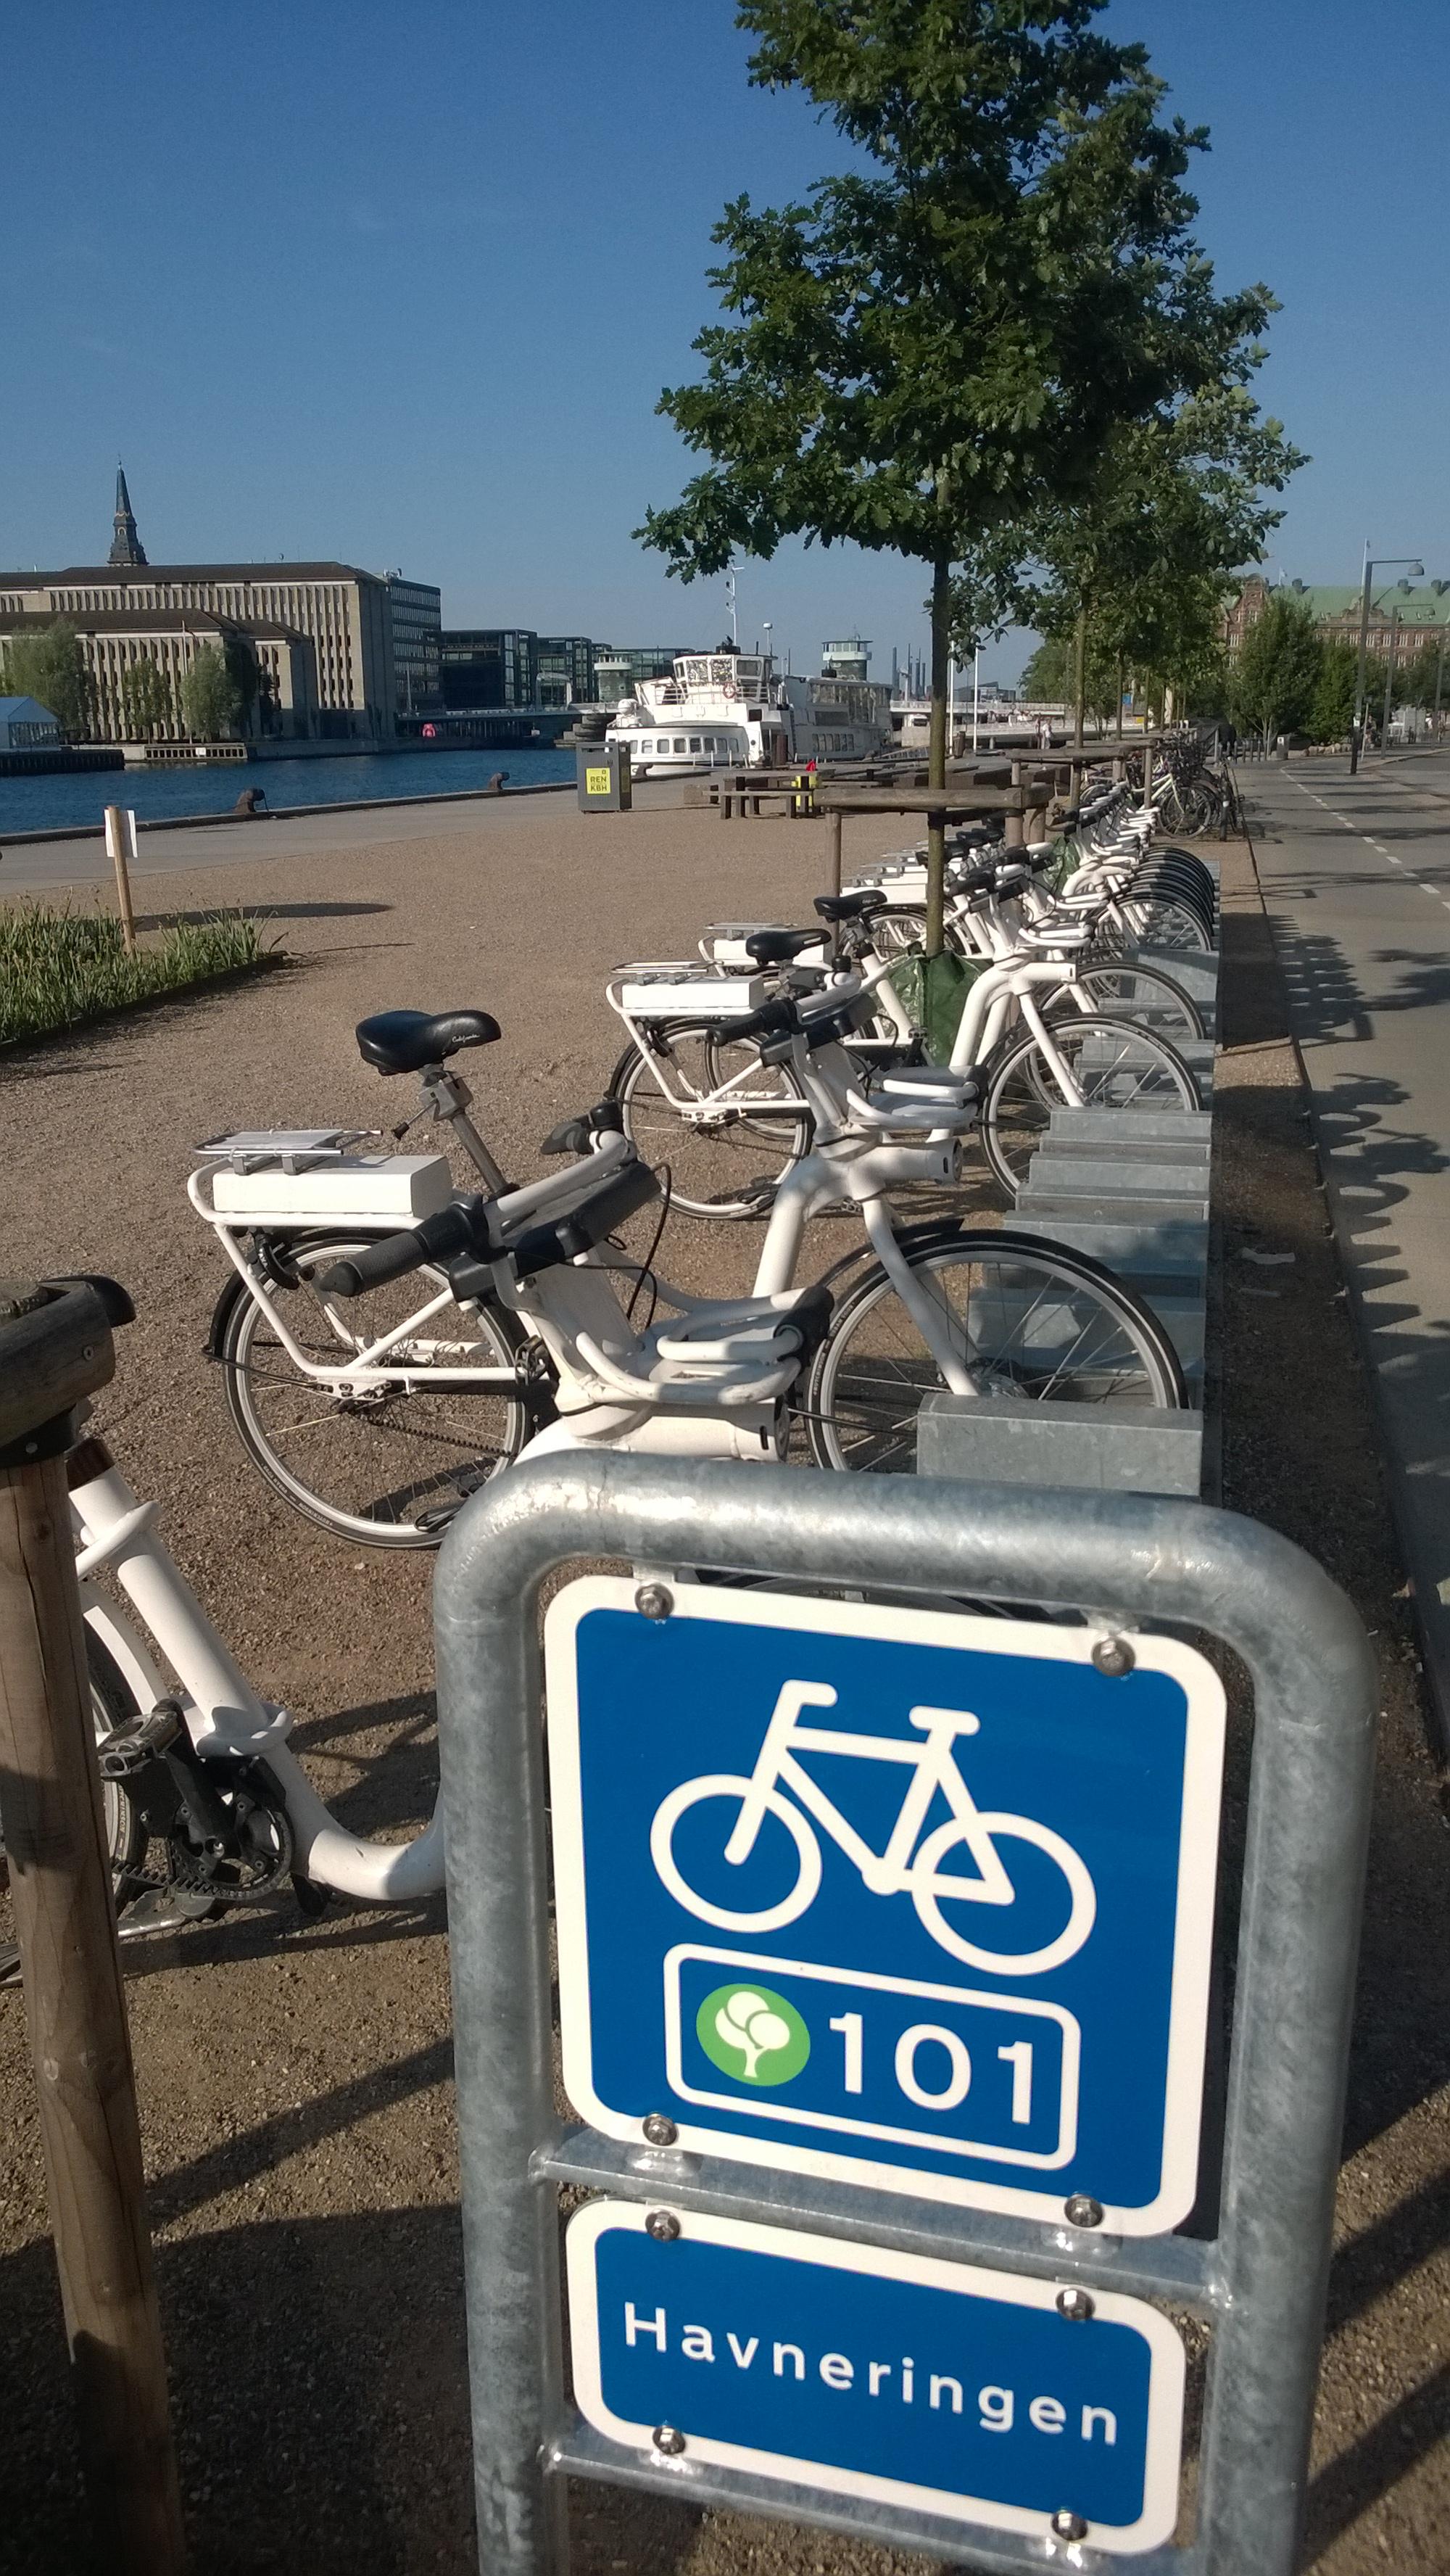 Veloausleihstation von City-Bike Kopenhagen (www.bycyklen.dk) mit den E-Bikes von Gobike.com